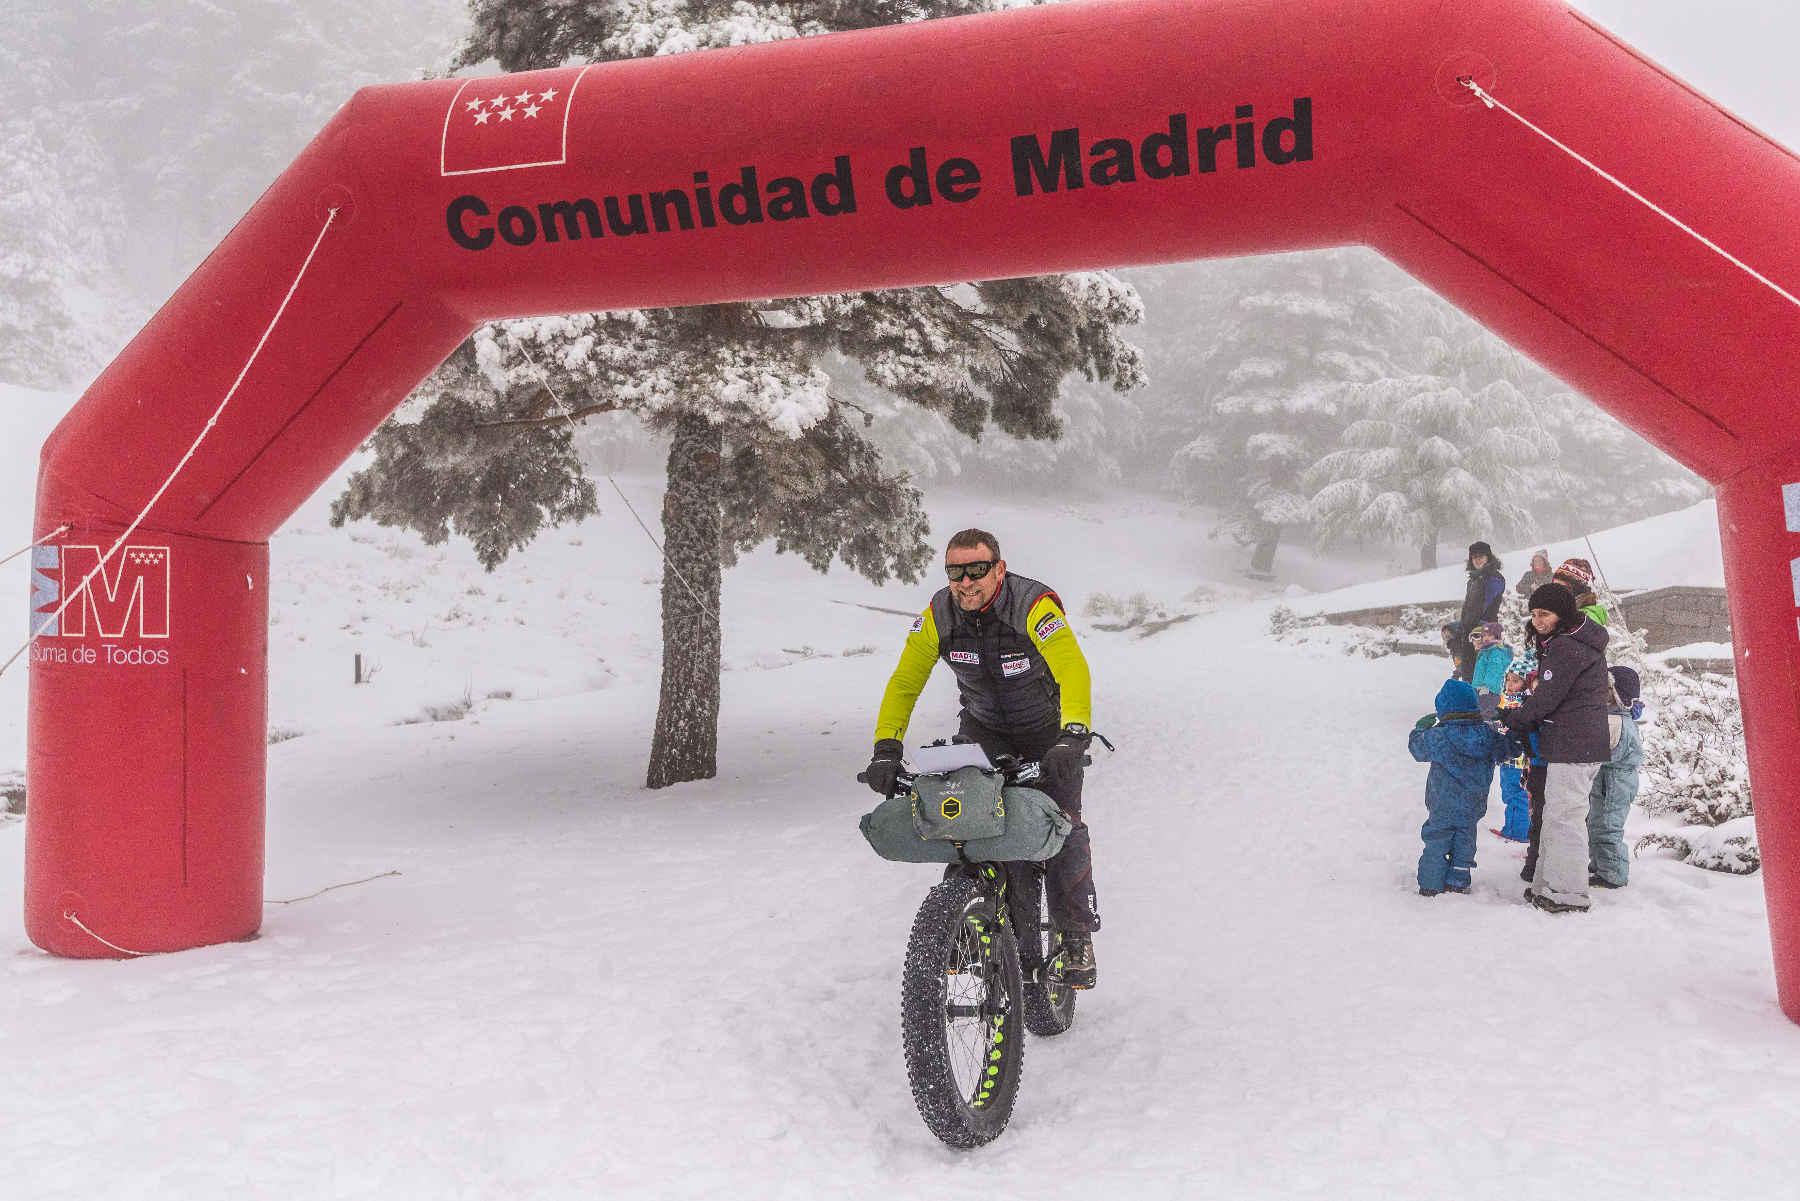 El aventurero Antonio de la Rosa presentó el primero de los retos invernales de su Tri Winter Challenge